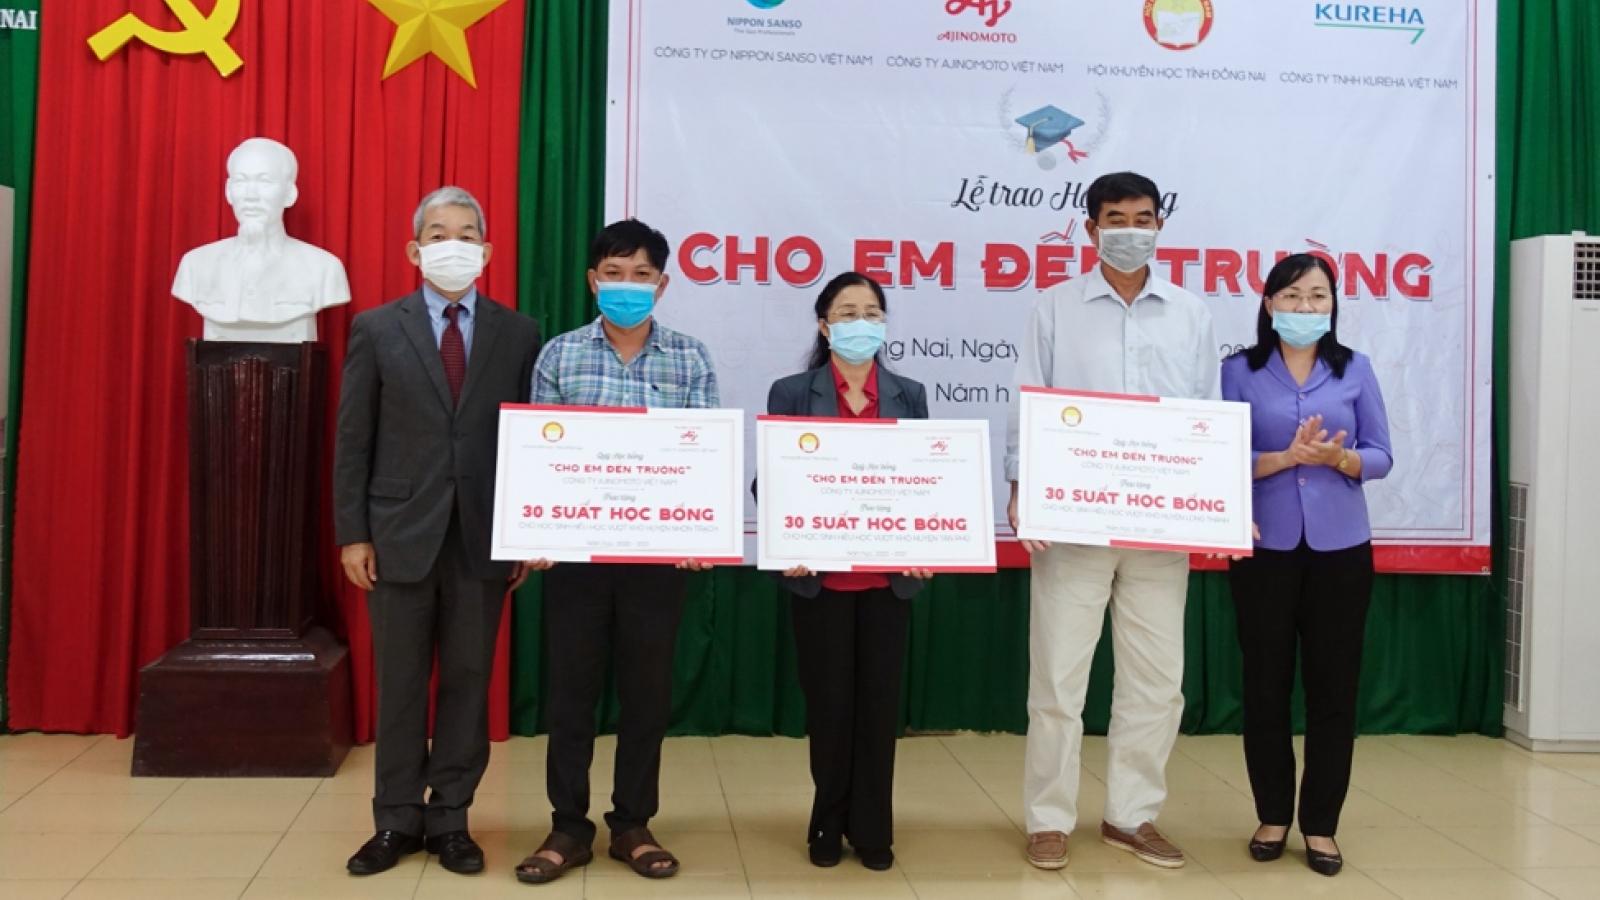 """340 học sinh Đồng Nai được trao học bổng """"Cho em đến trường"""""""